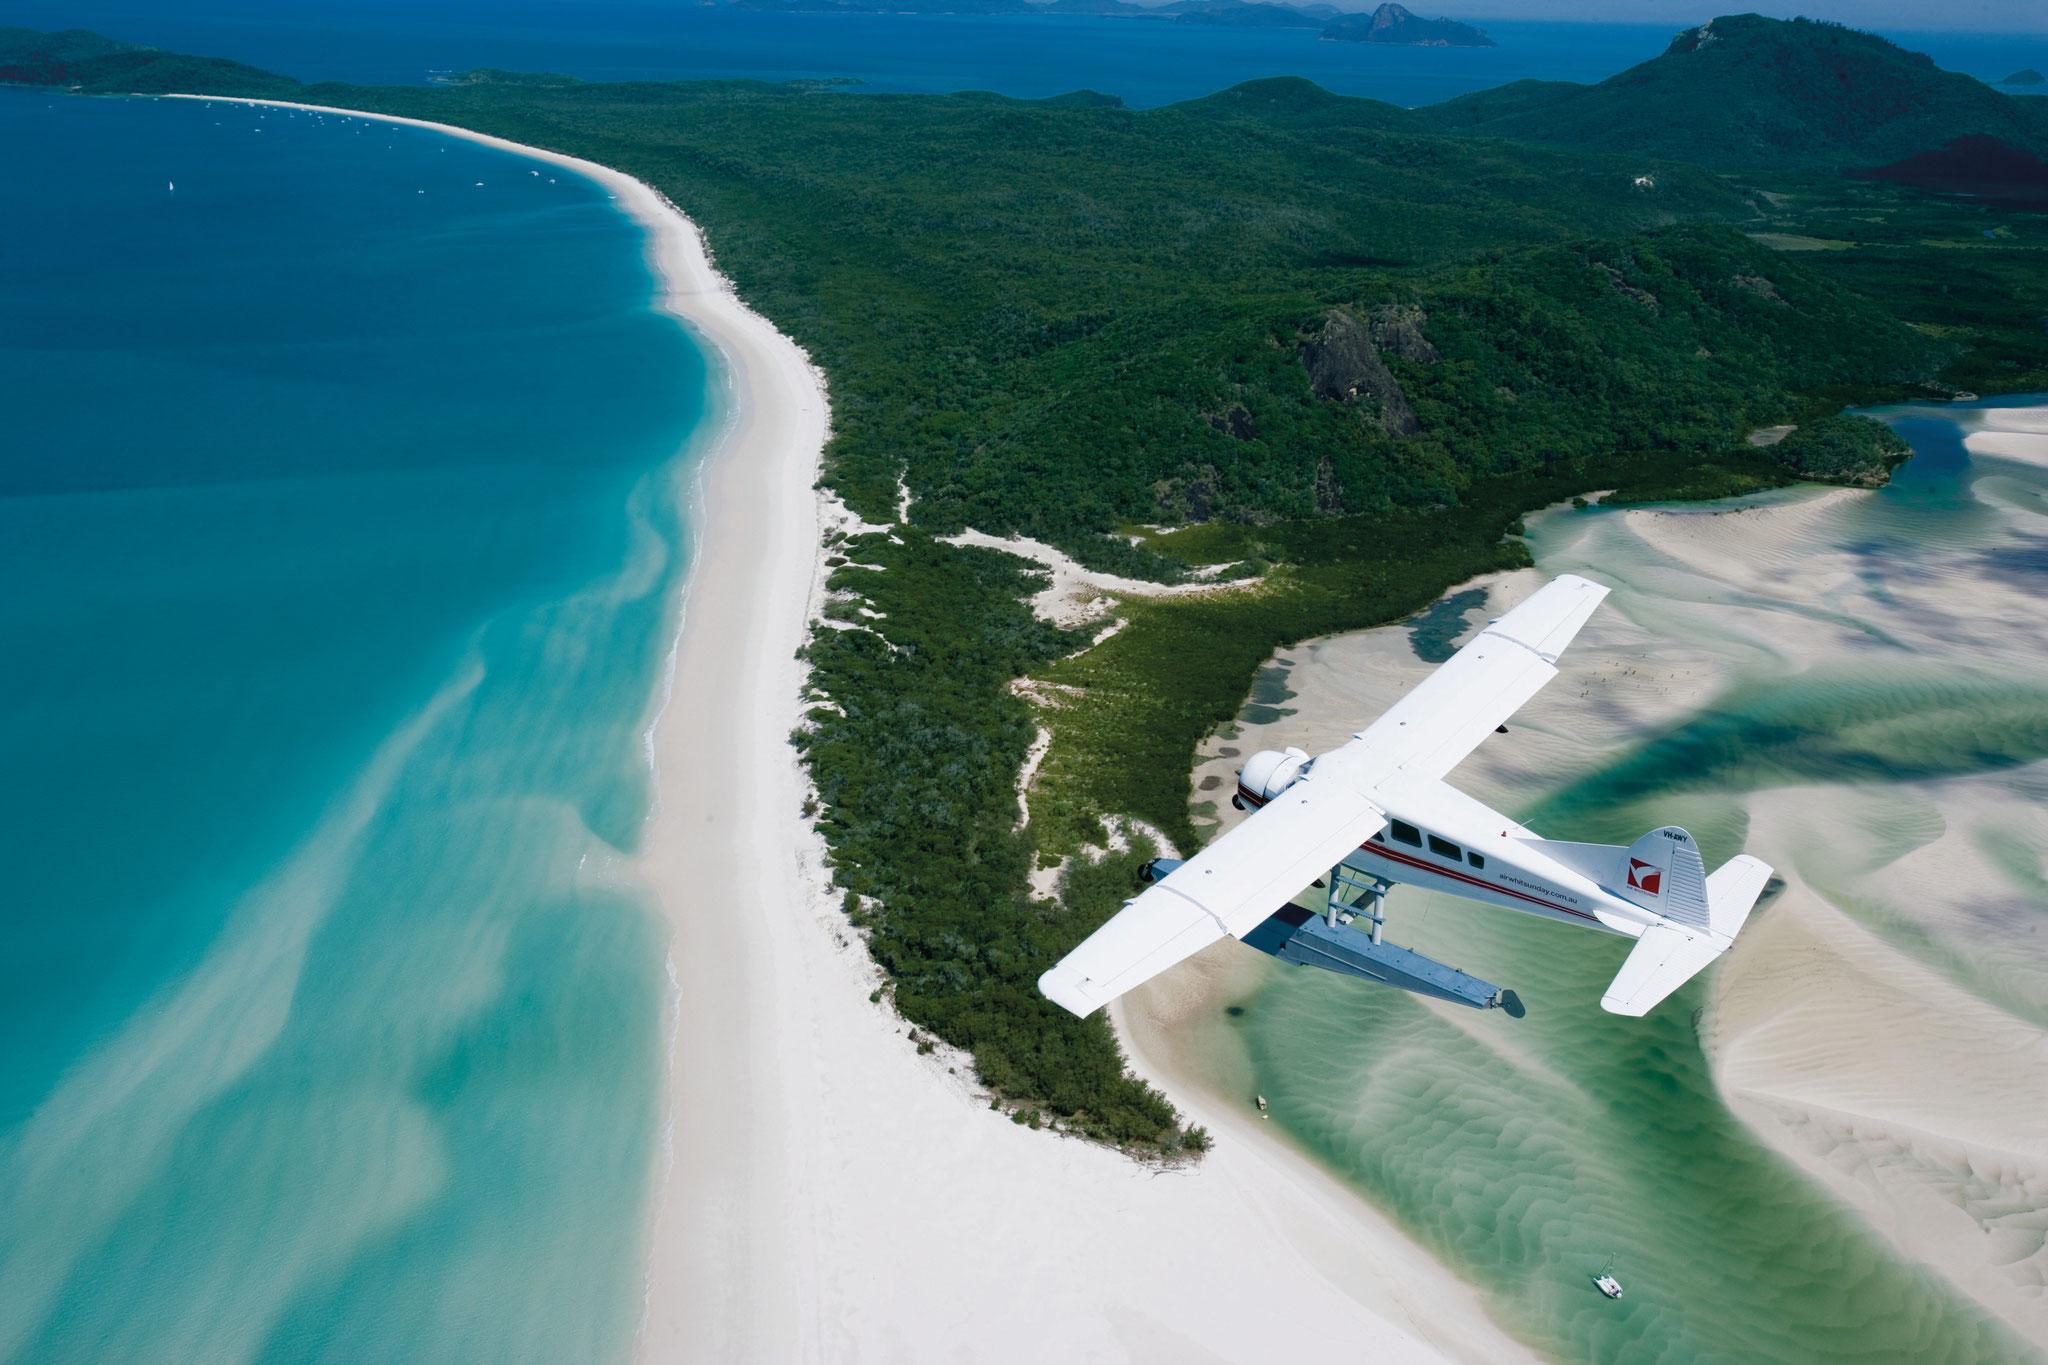 Hoch über Fraser Island                                                                                            © Tourism Australia